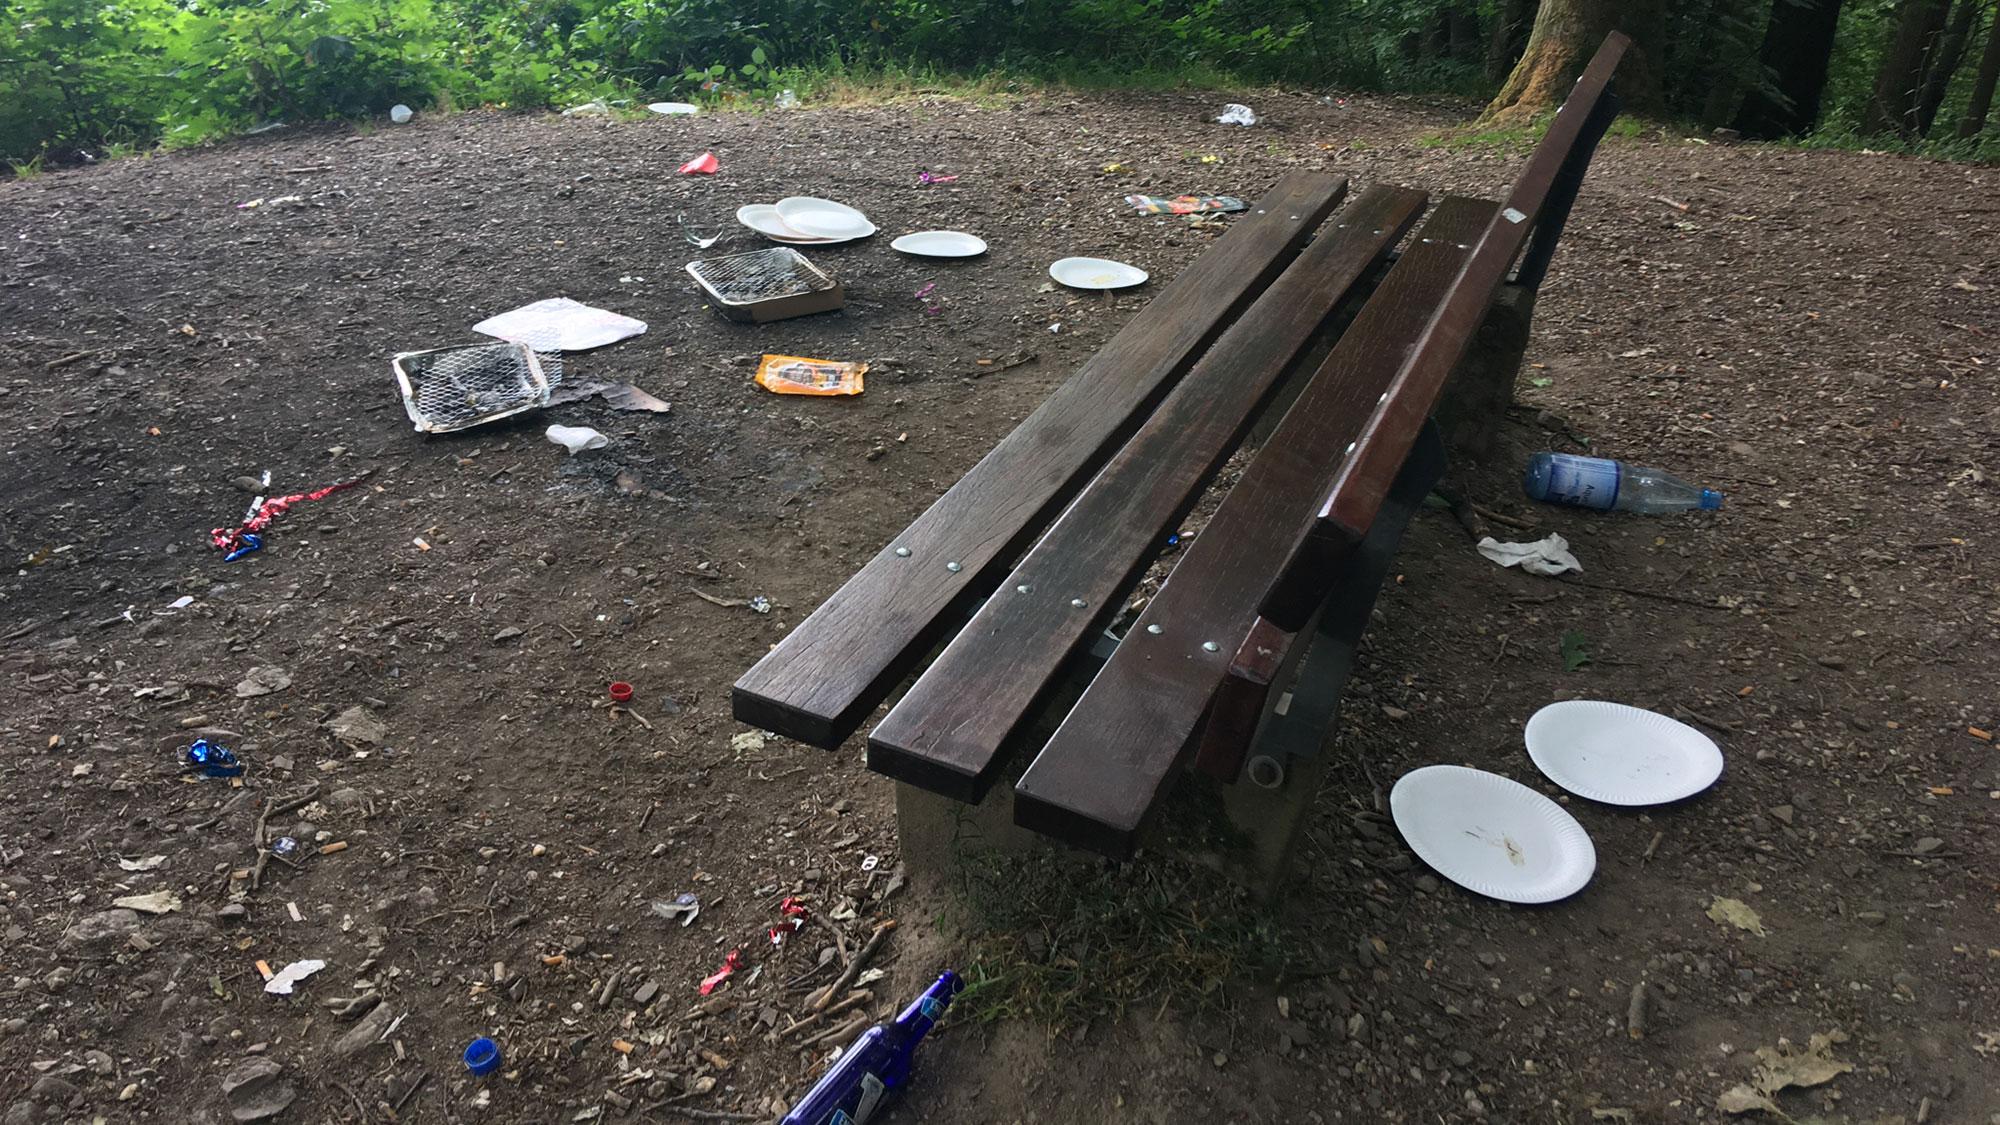 Rastplatz bei Bingen mit Müll